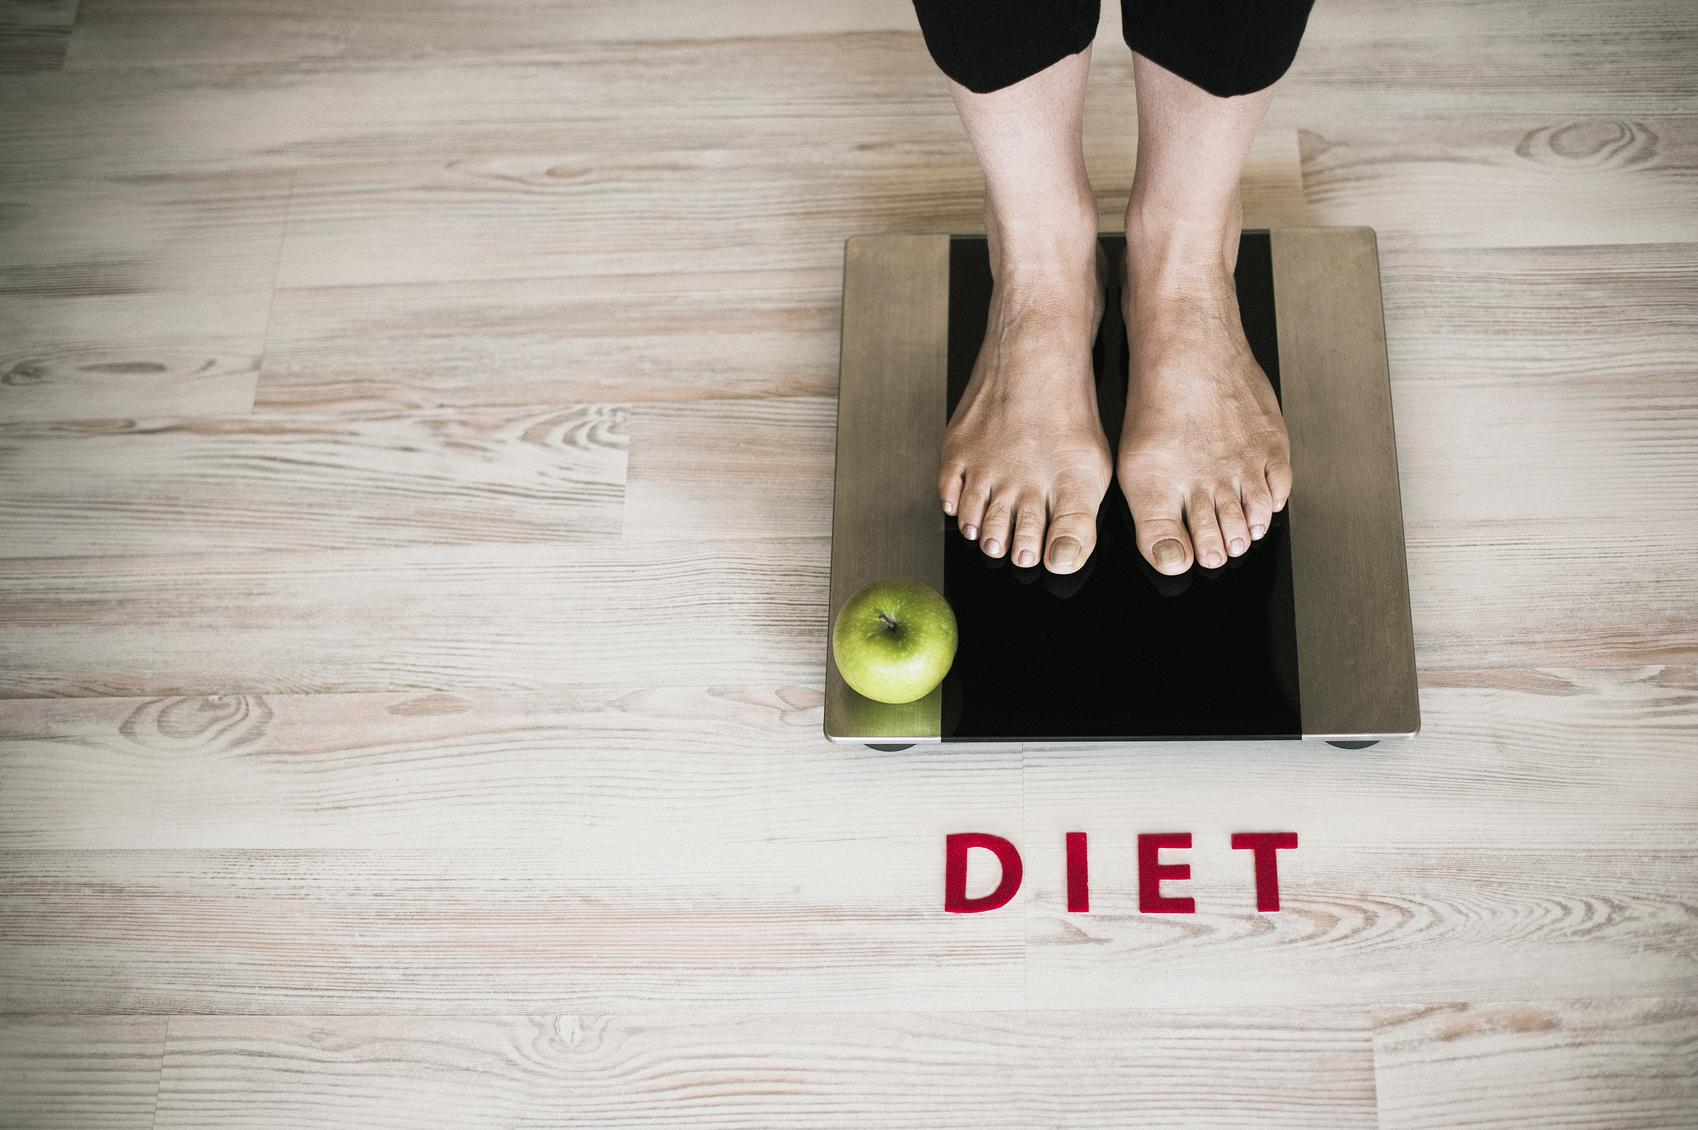 2017年は代謝を良くして痩せるダイエットの5つの柱